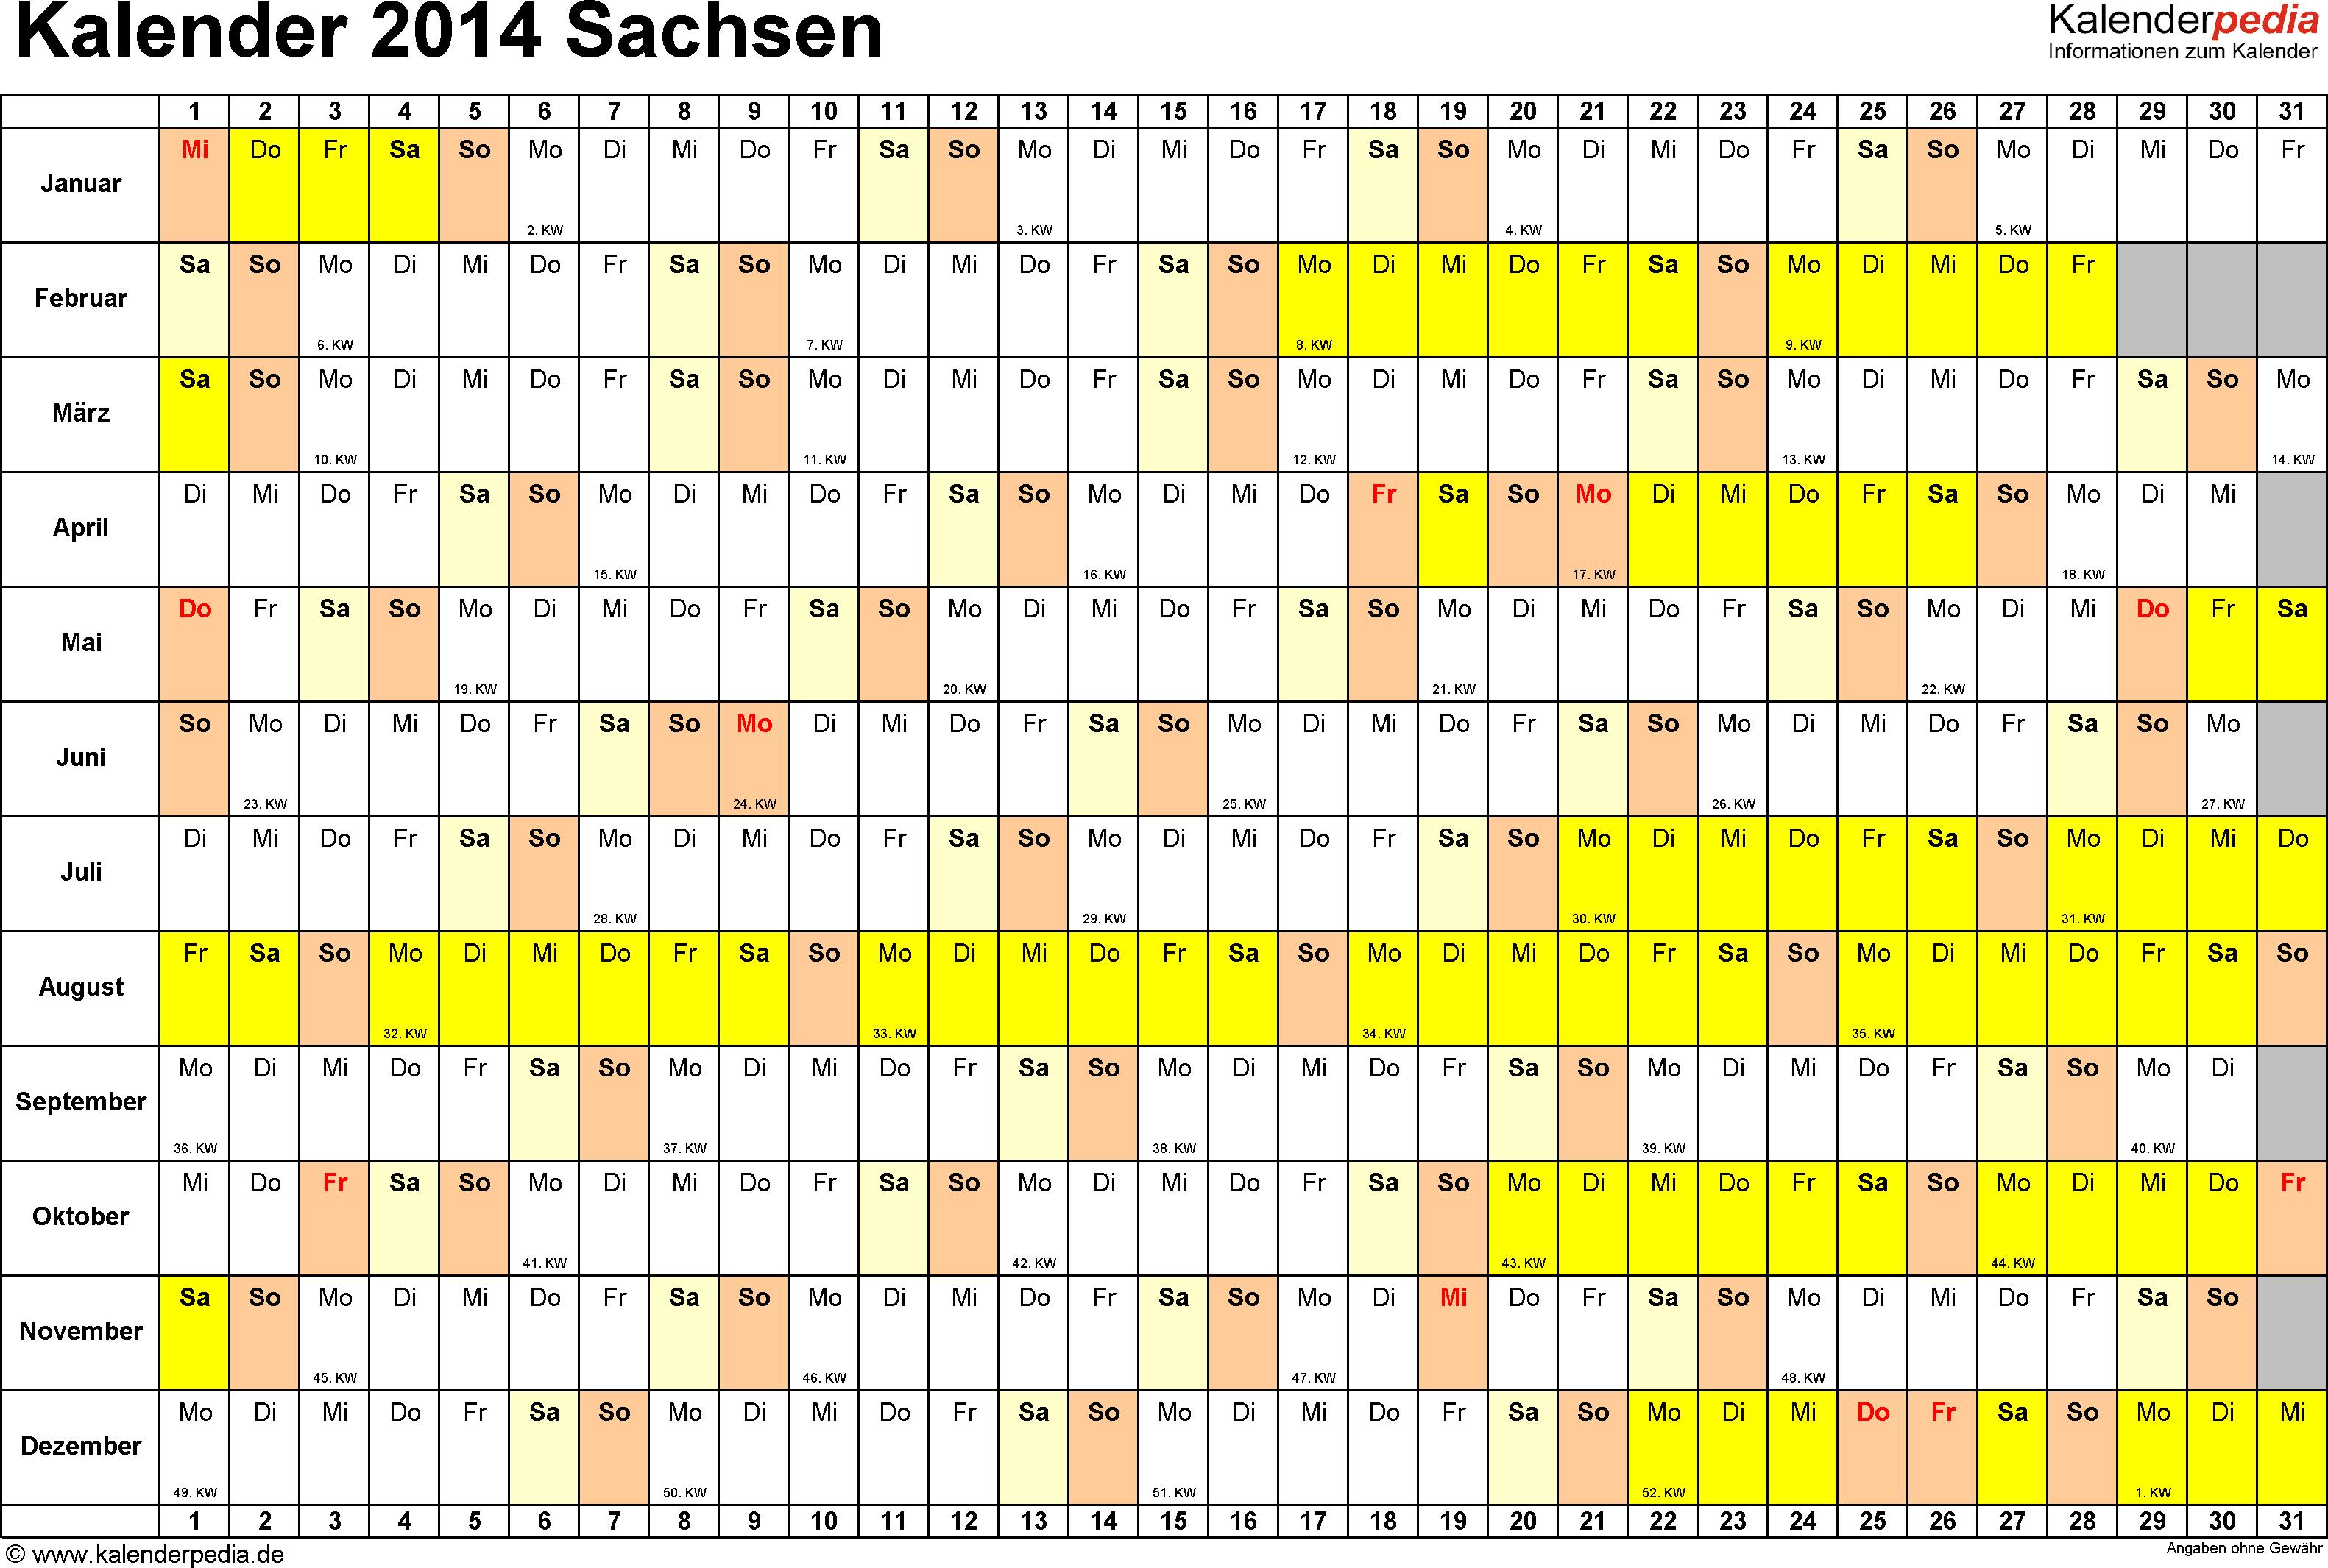 Vorlage 2: Kalender Sachsen 2014 im Querformat, Tage nebeneinander